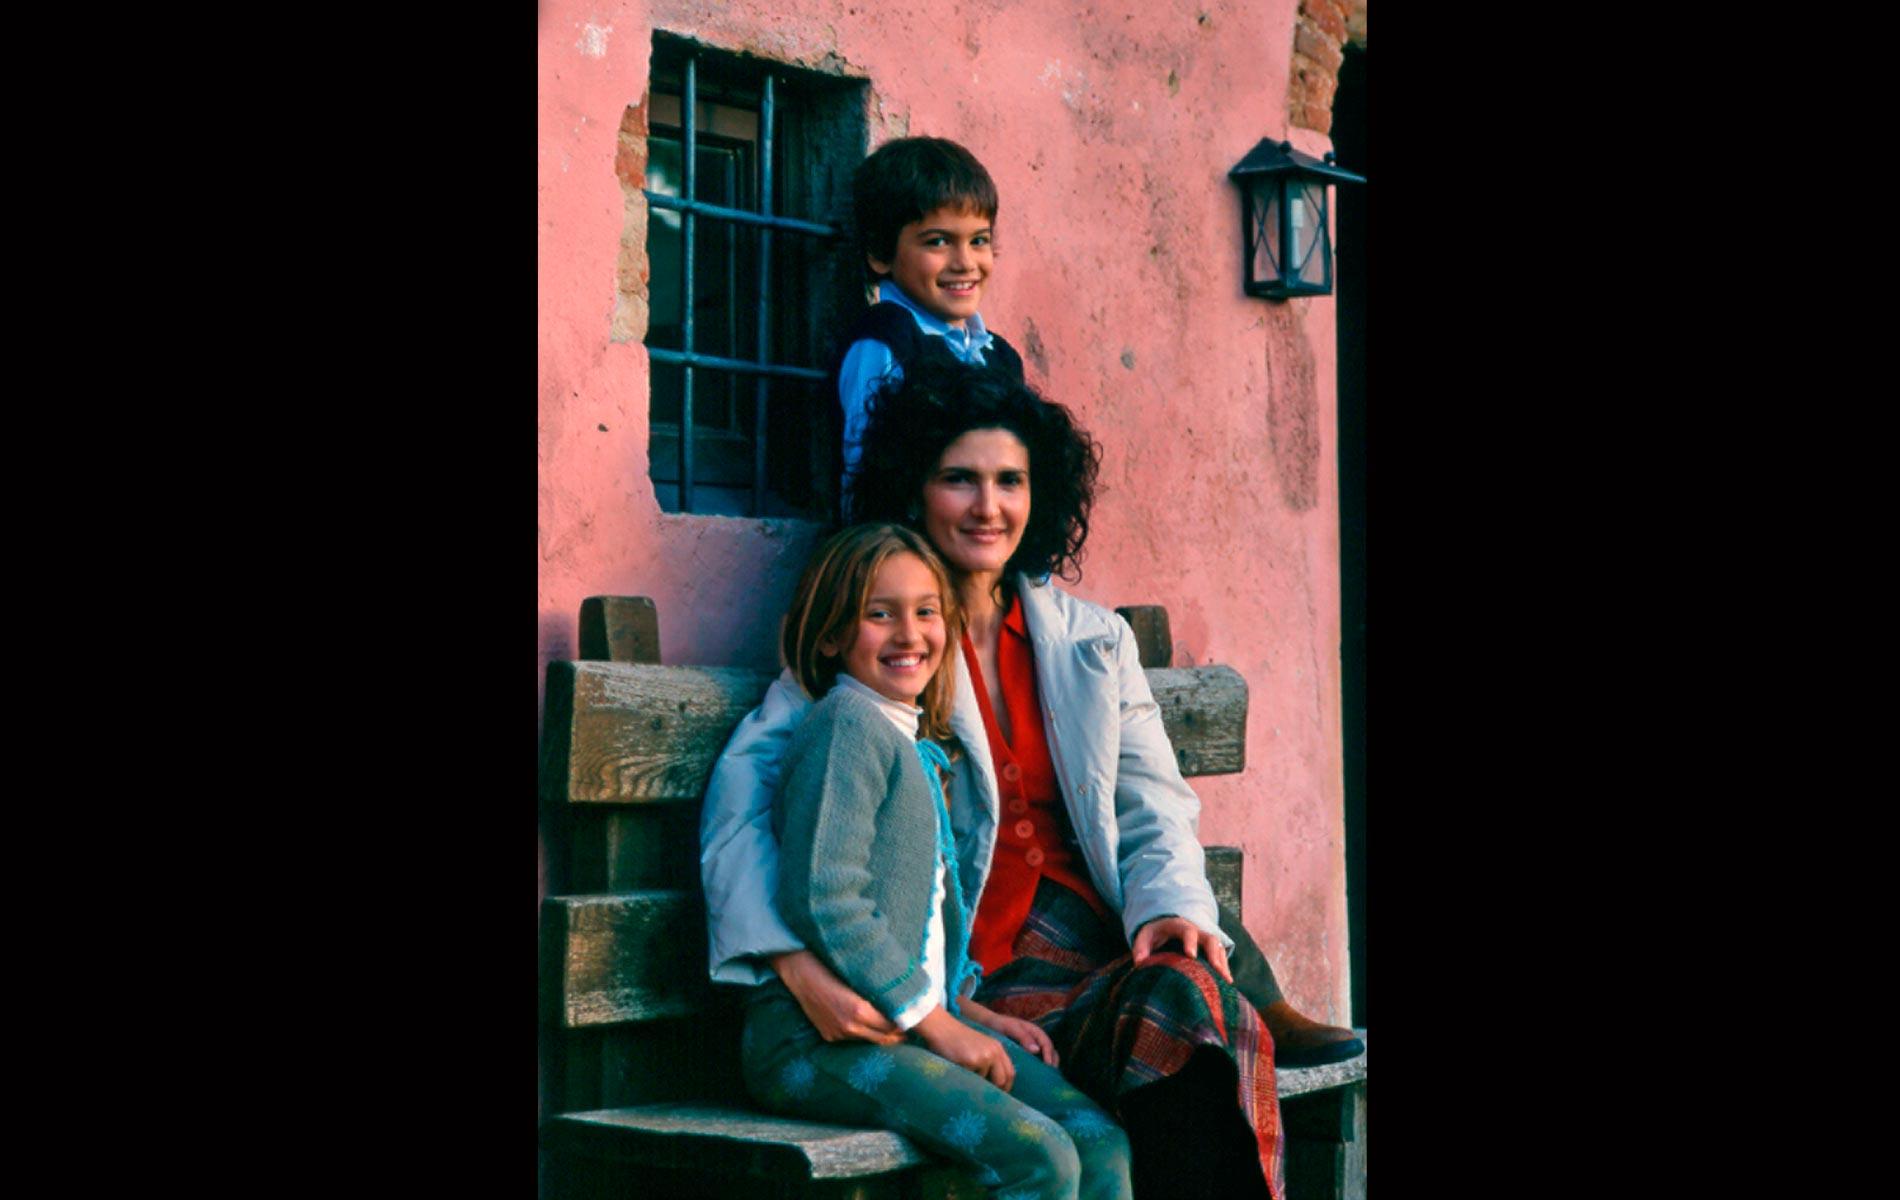 M.me Ilaria FERRAGAMO with her Childrens - Toscany - © Graziano Villa